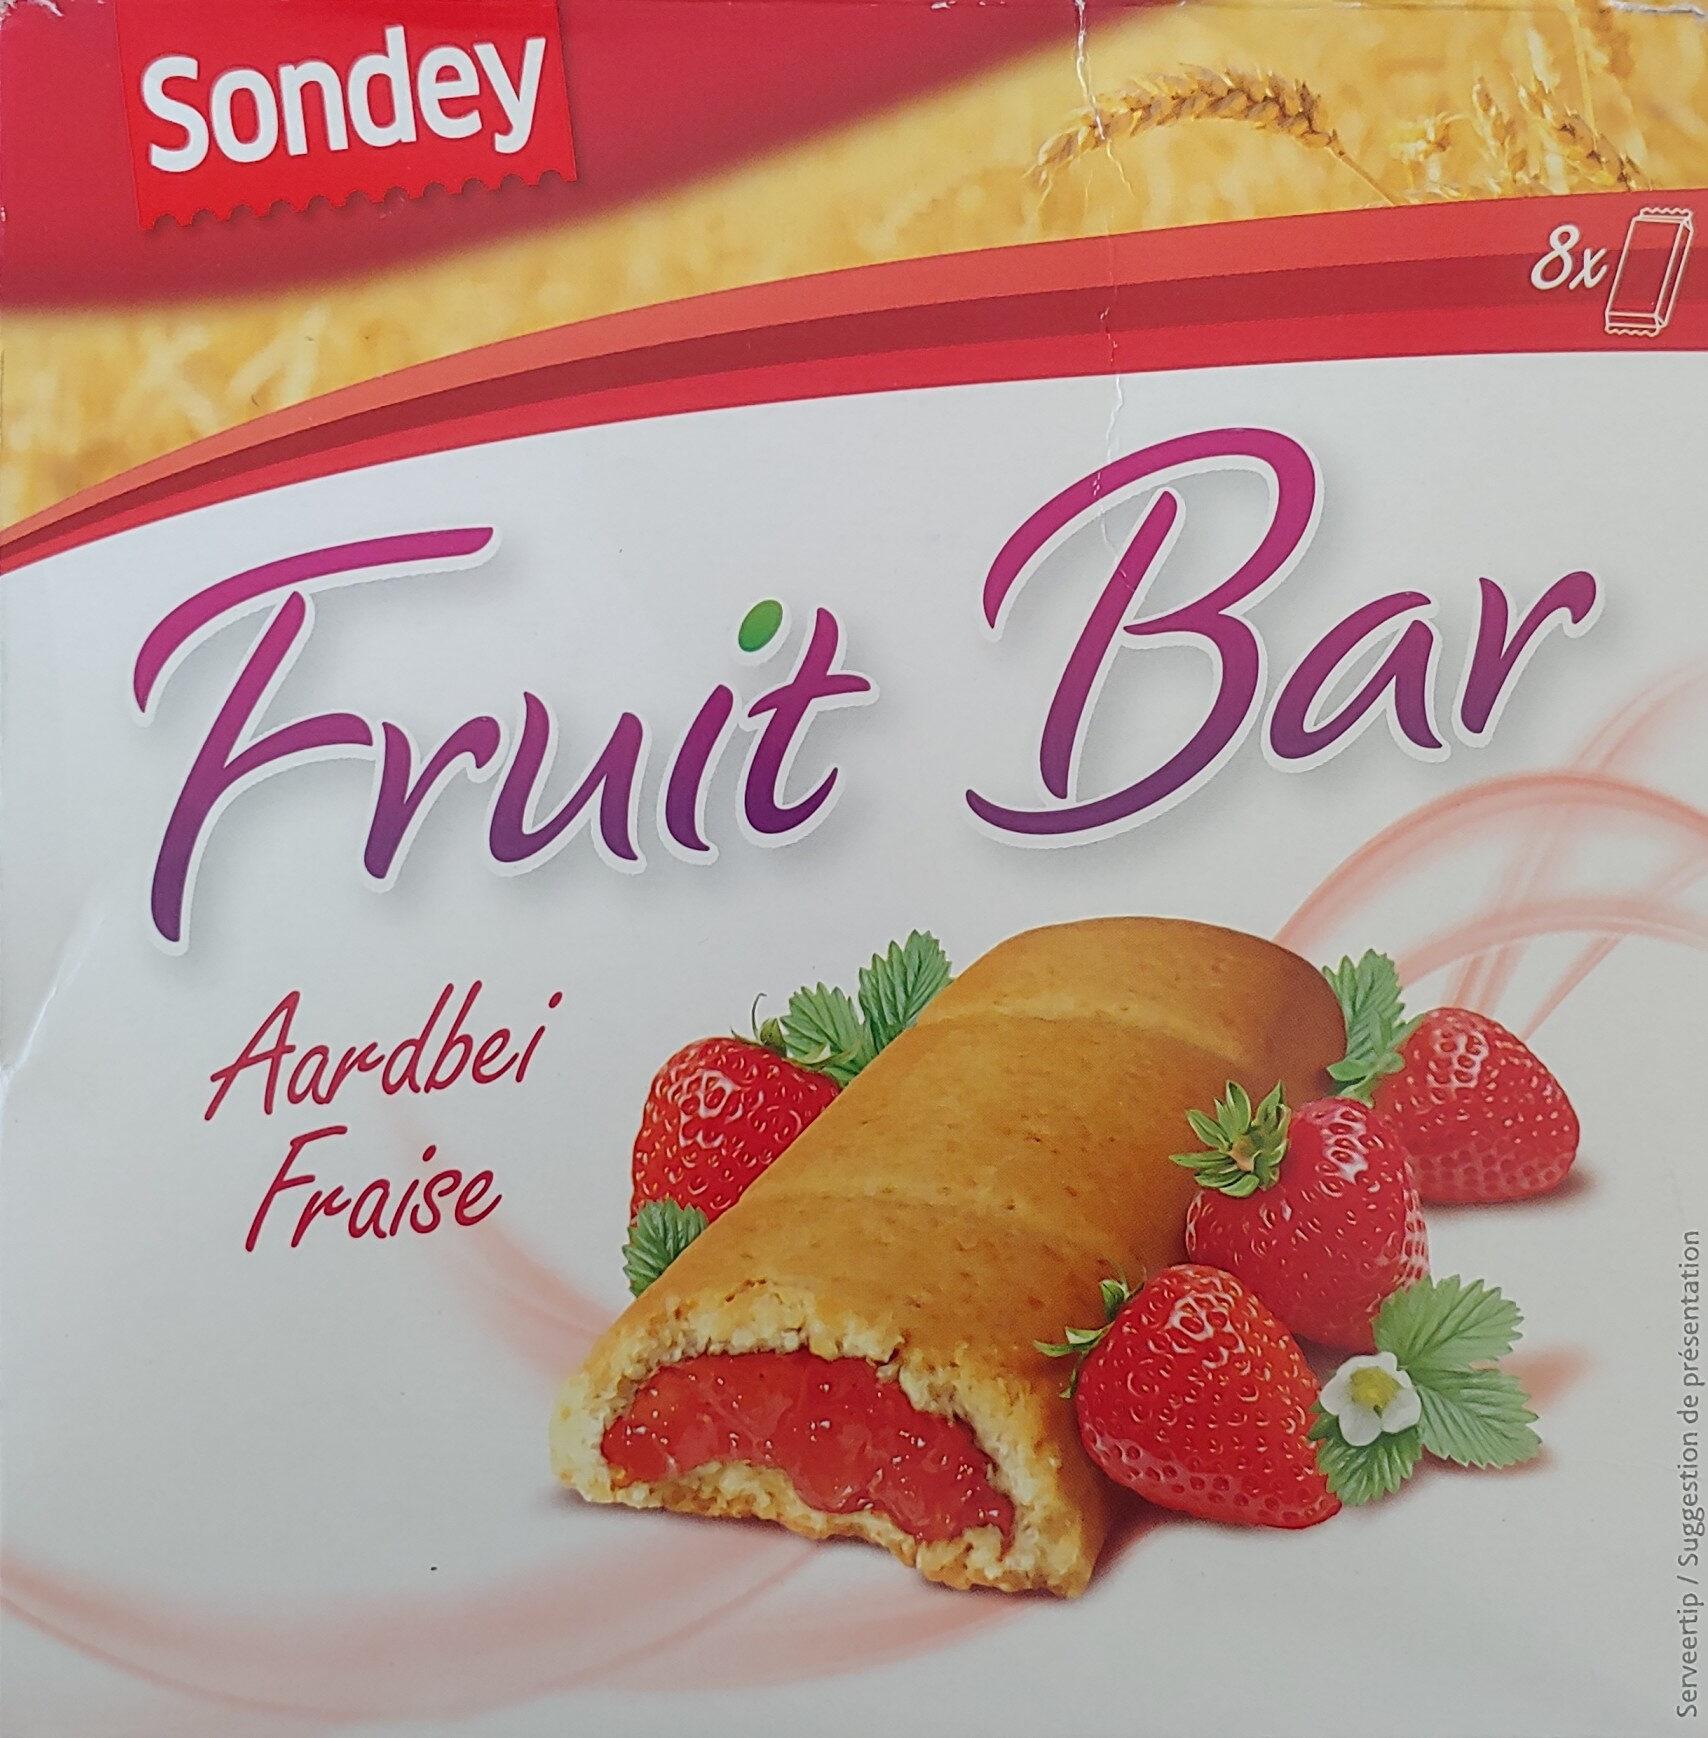 Sondey fruit bar fraise aardbei - Product